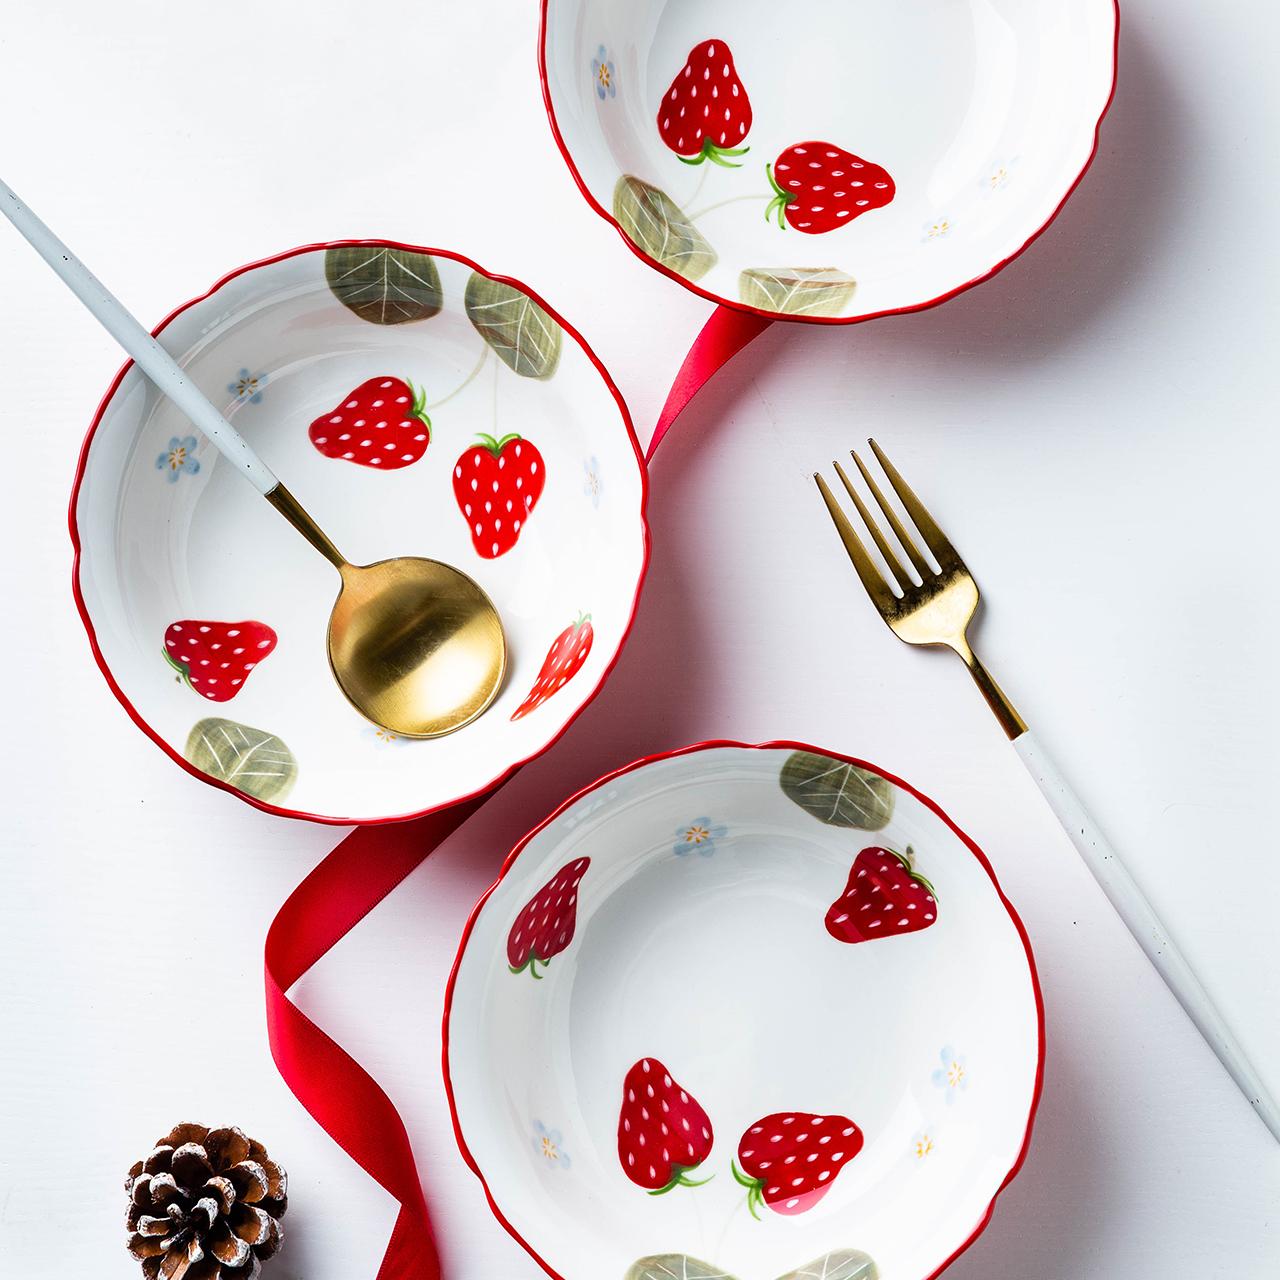 摩登主妇 可爱水果沙拉碗家用早餐碗陶瓷碗创意草莓碗花边甜品碗